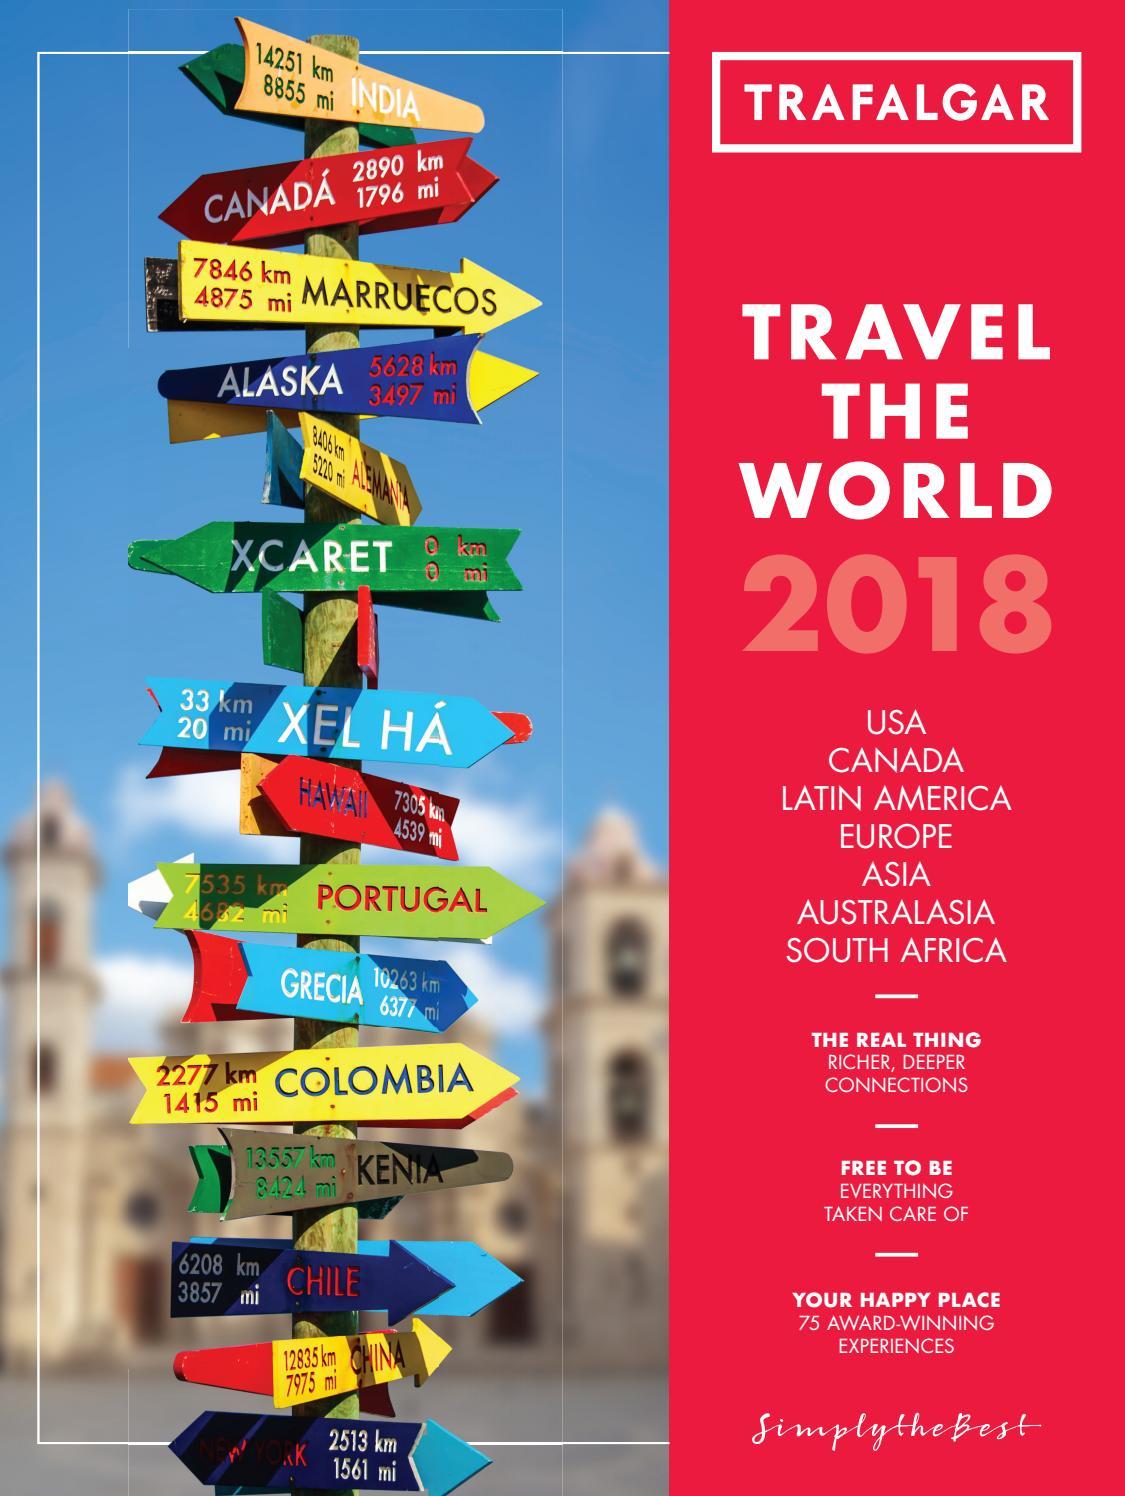 b2767a7bfc68a Worldwide UK 2018 by Trafalgar - issuu